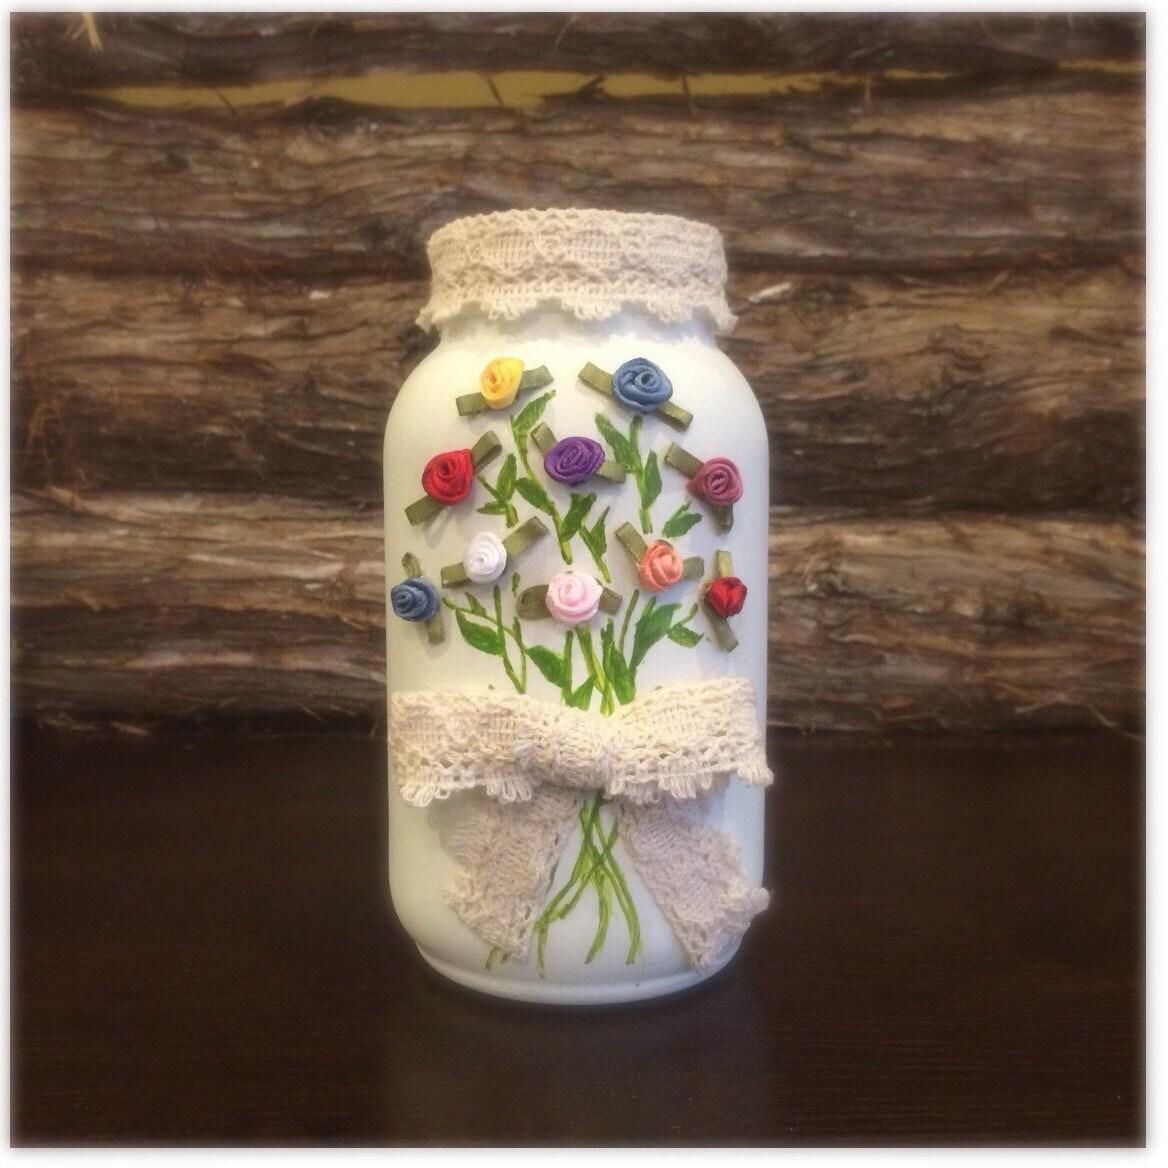 Rustic Wedding Centerpieces Mason Jars: Rustic Ivory Mason Jar Rustic Wedding Centerpiece Country